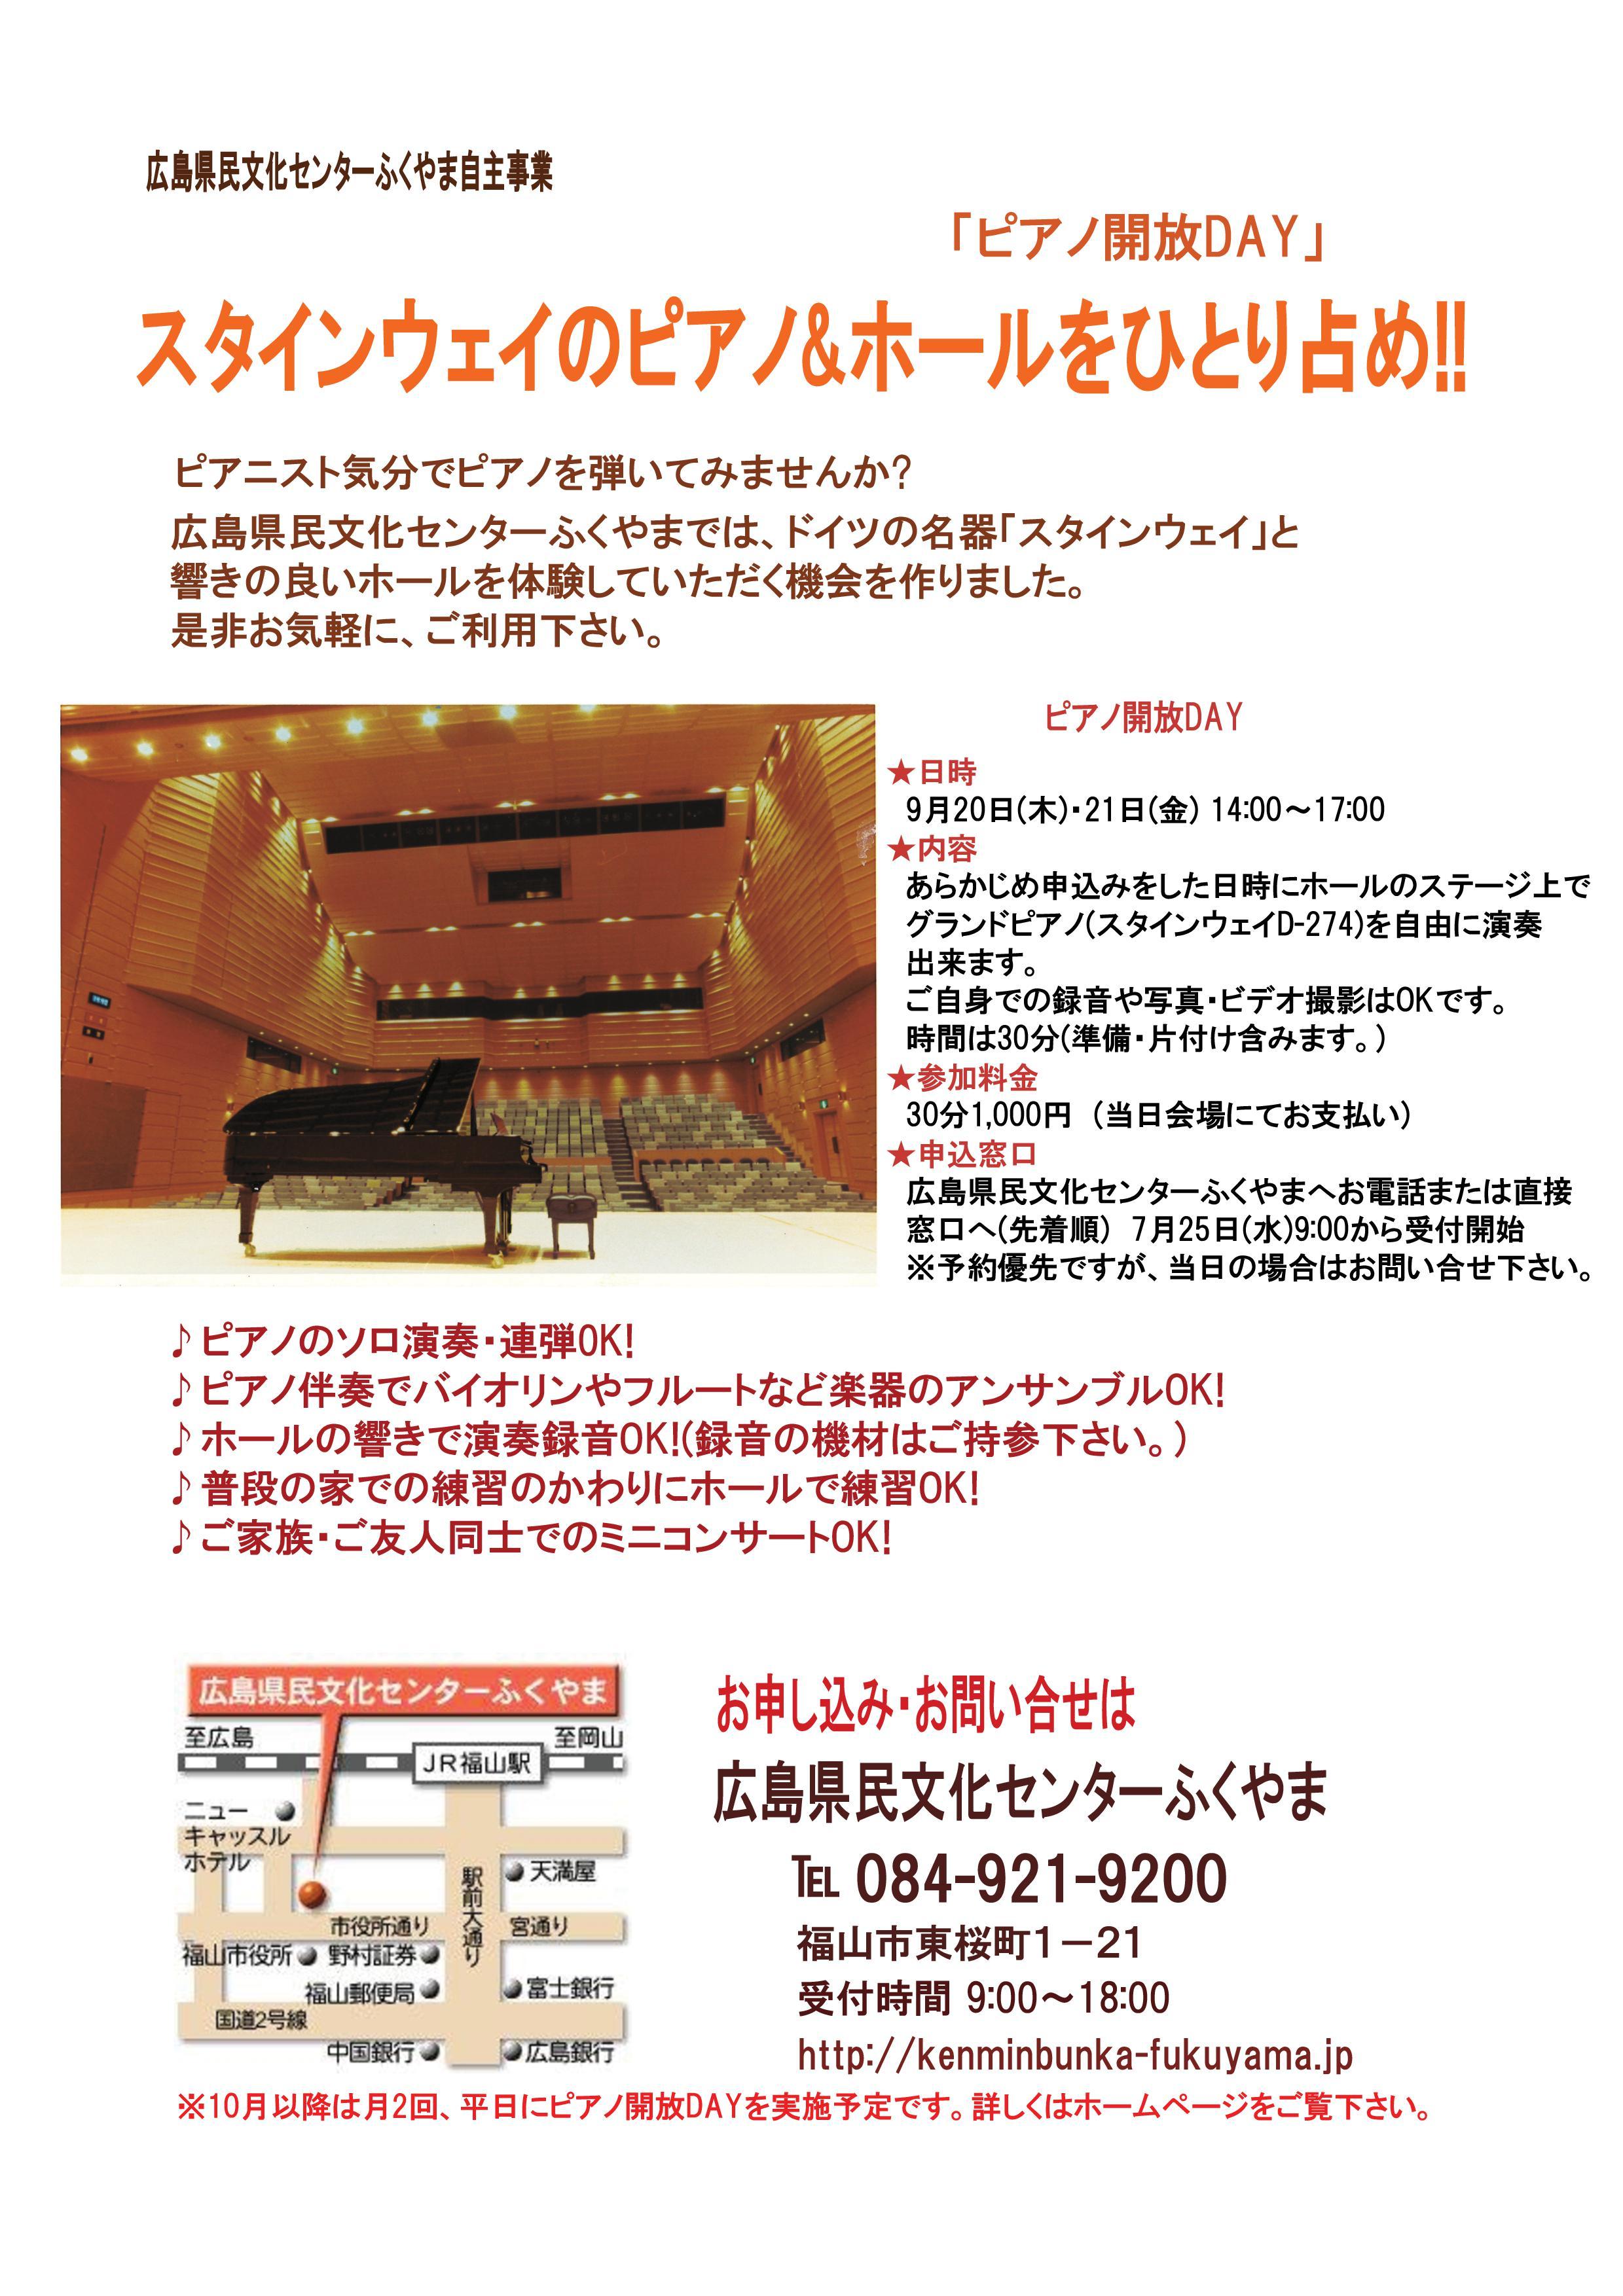 ピアノ開放DAY9月